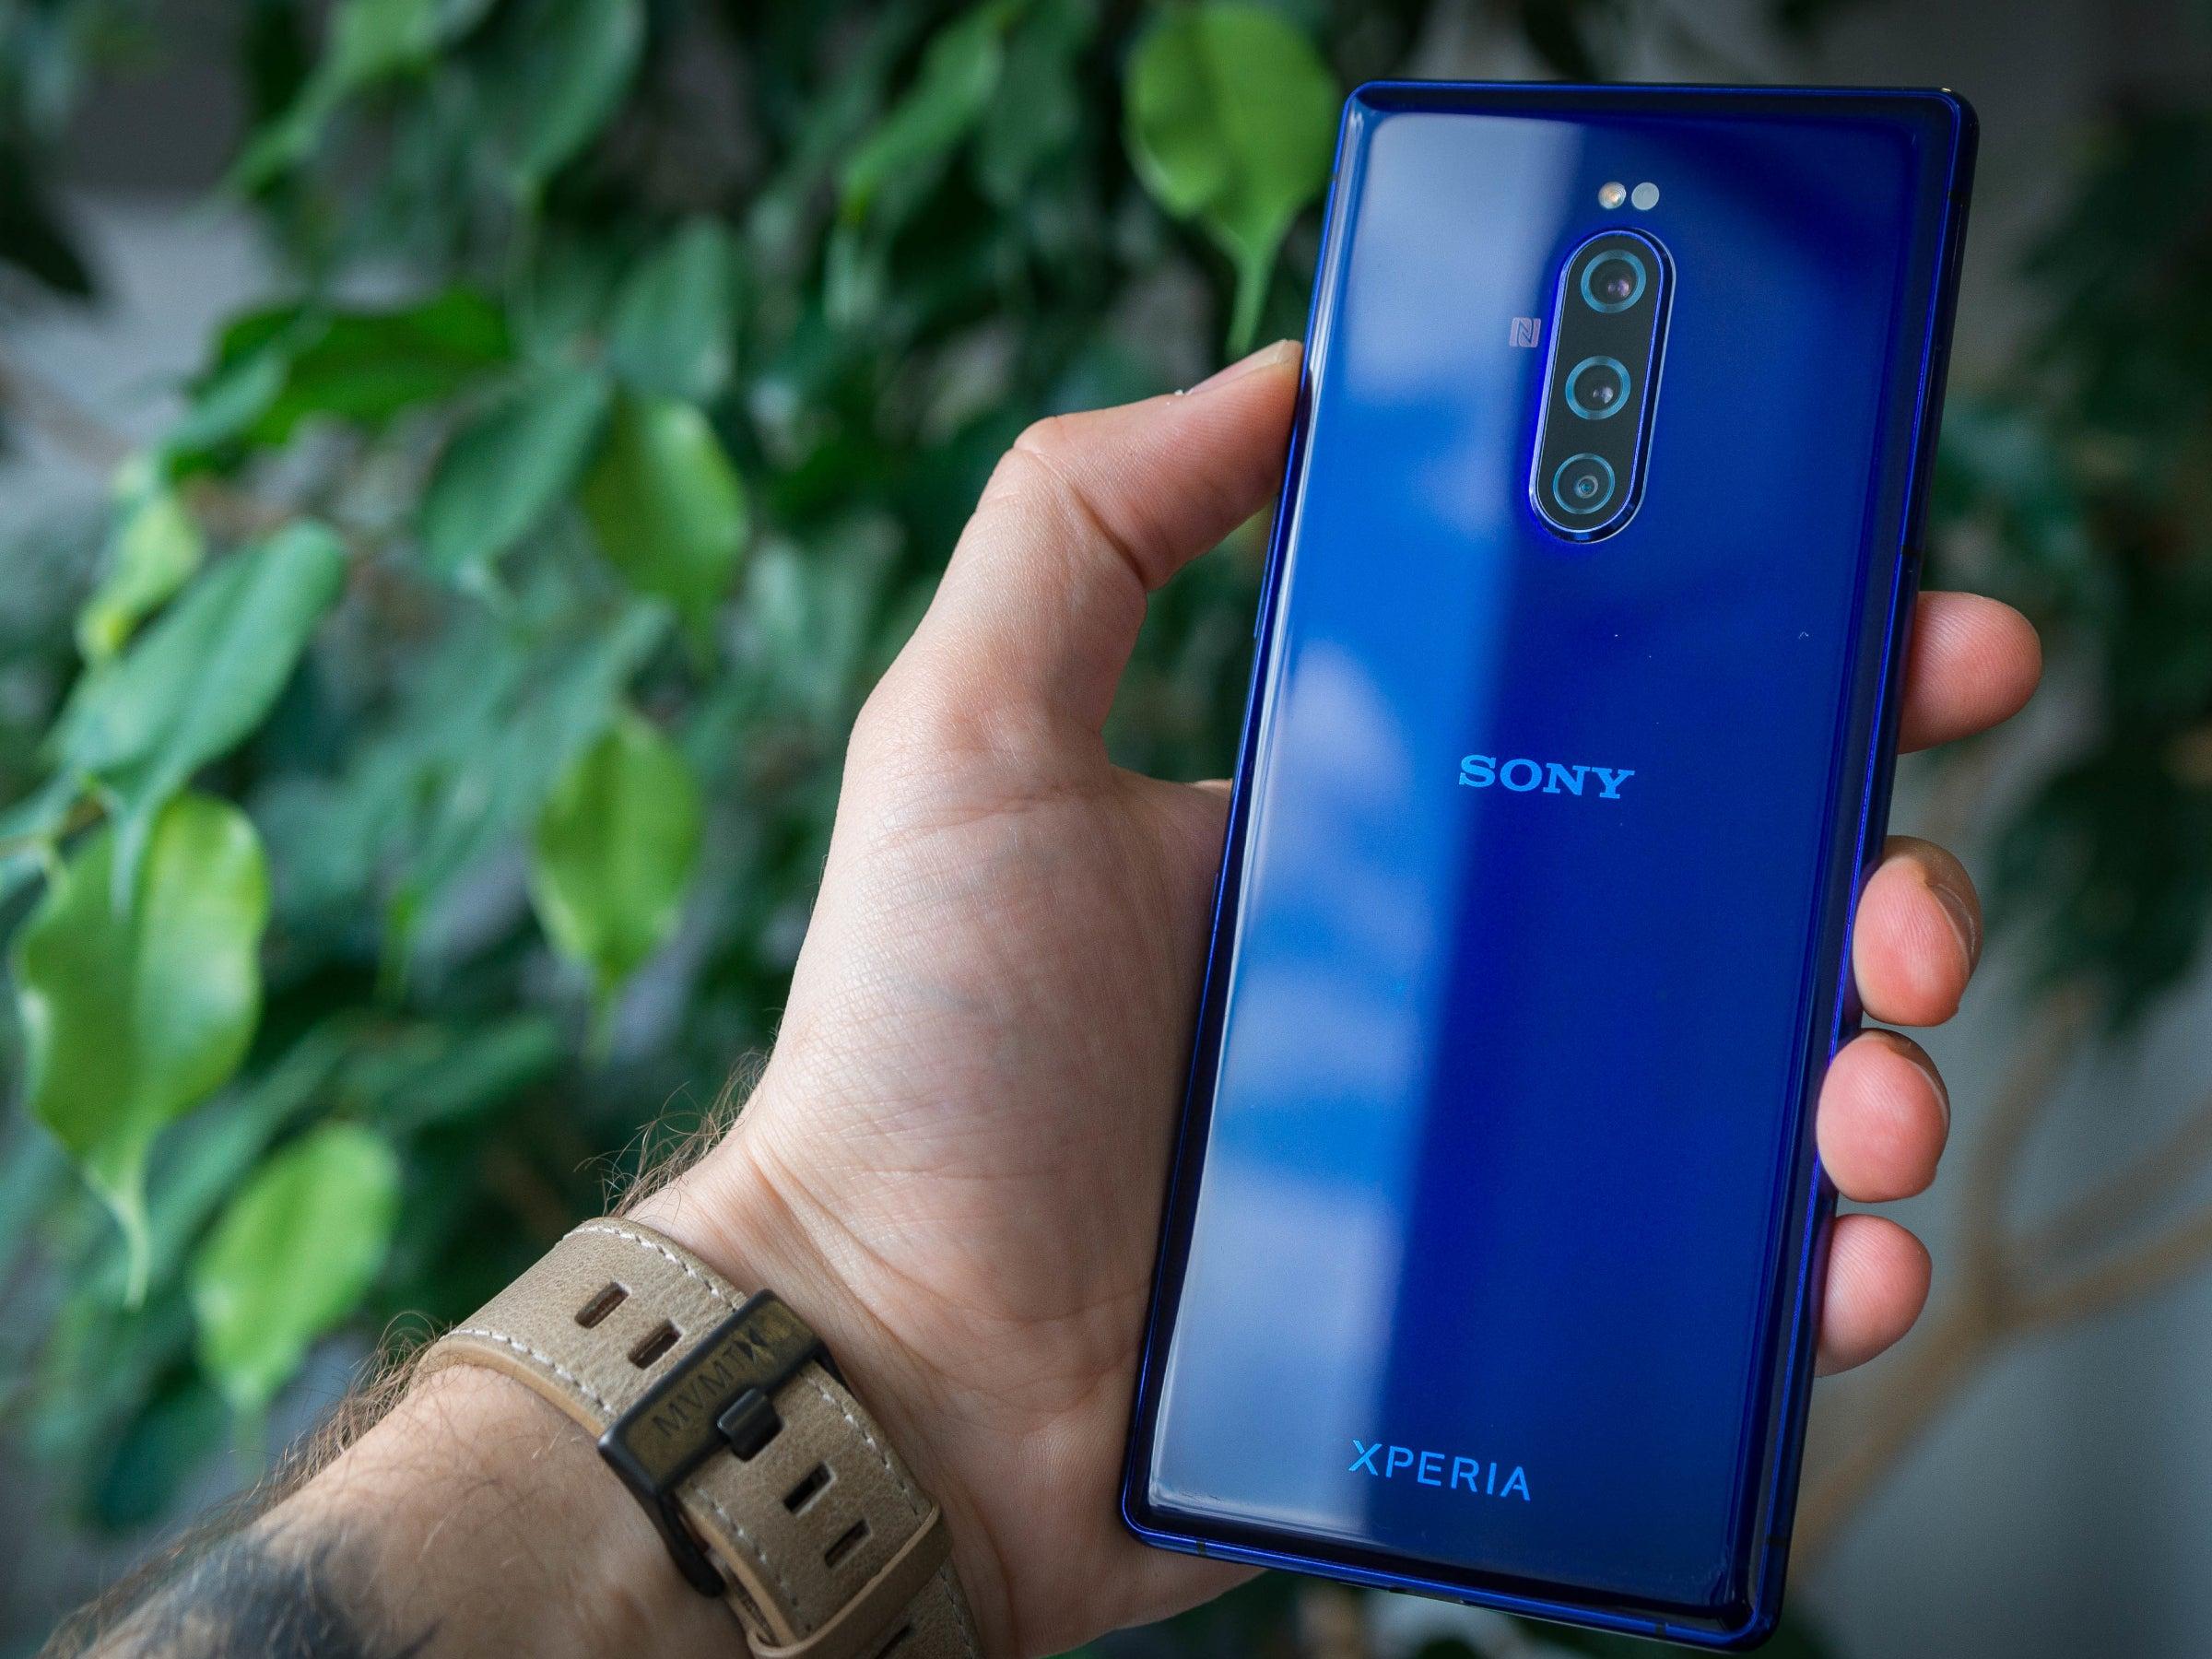 Sony Xperia 1 von hinten in der Hand